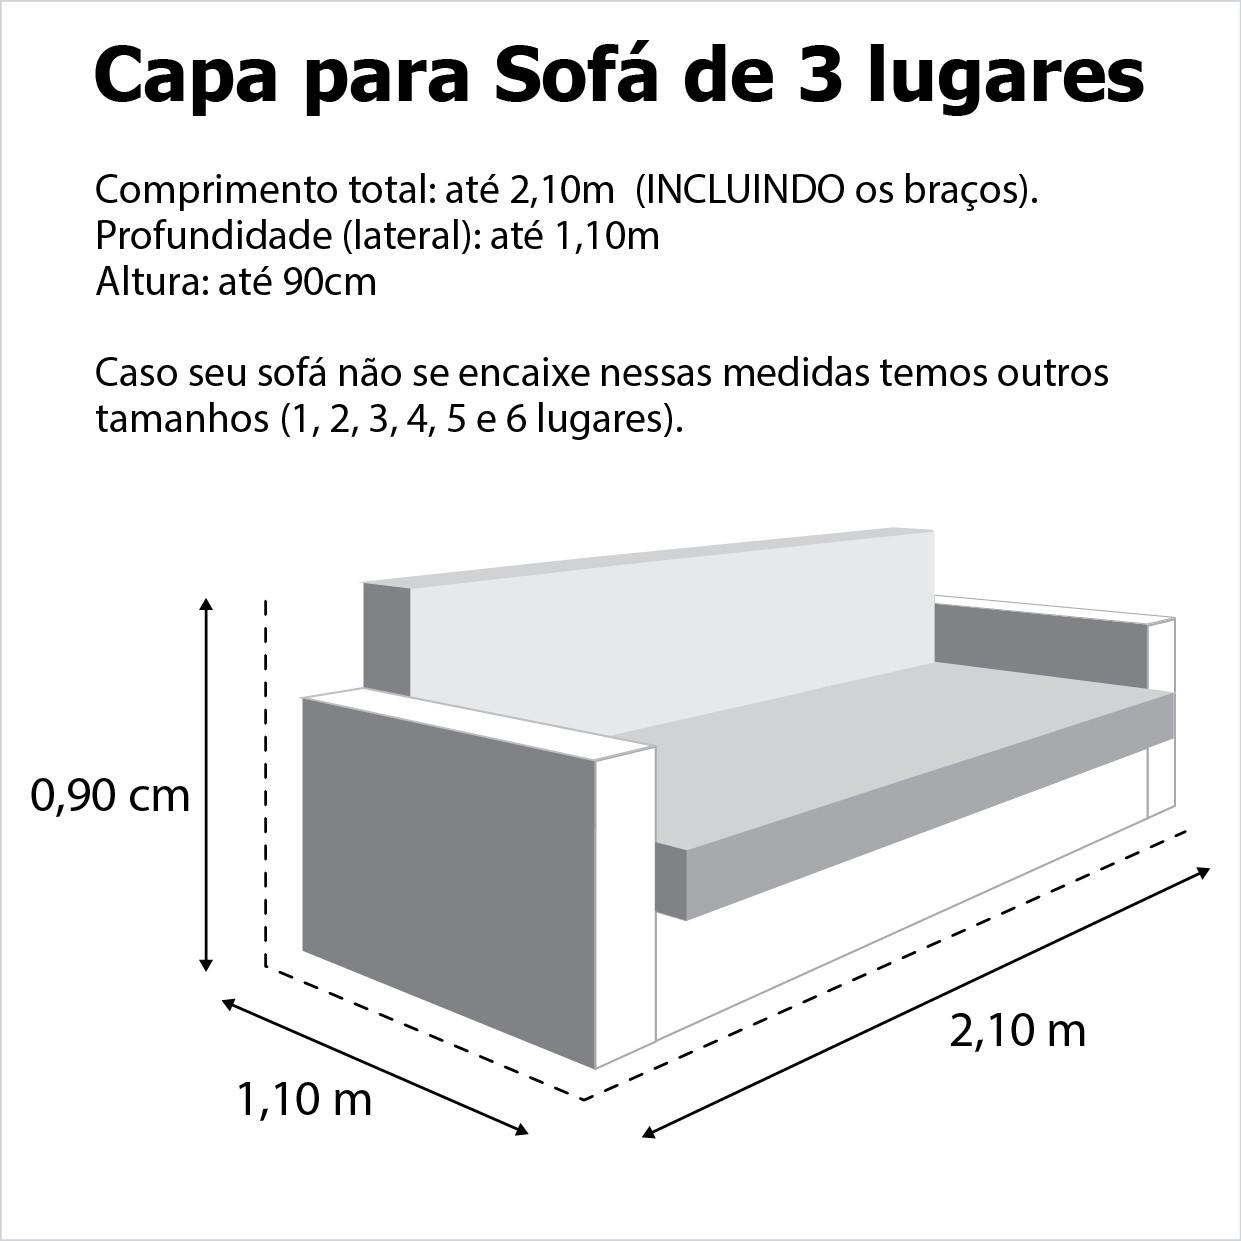 Capa p/ Sofá de 3 Lug GRAFITE em Brim